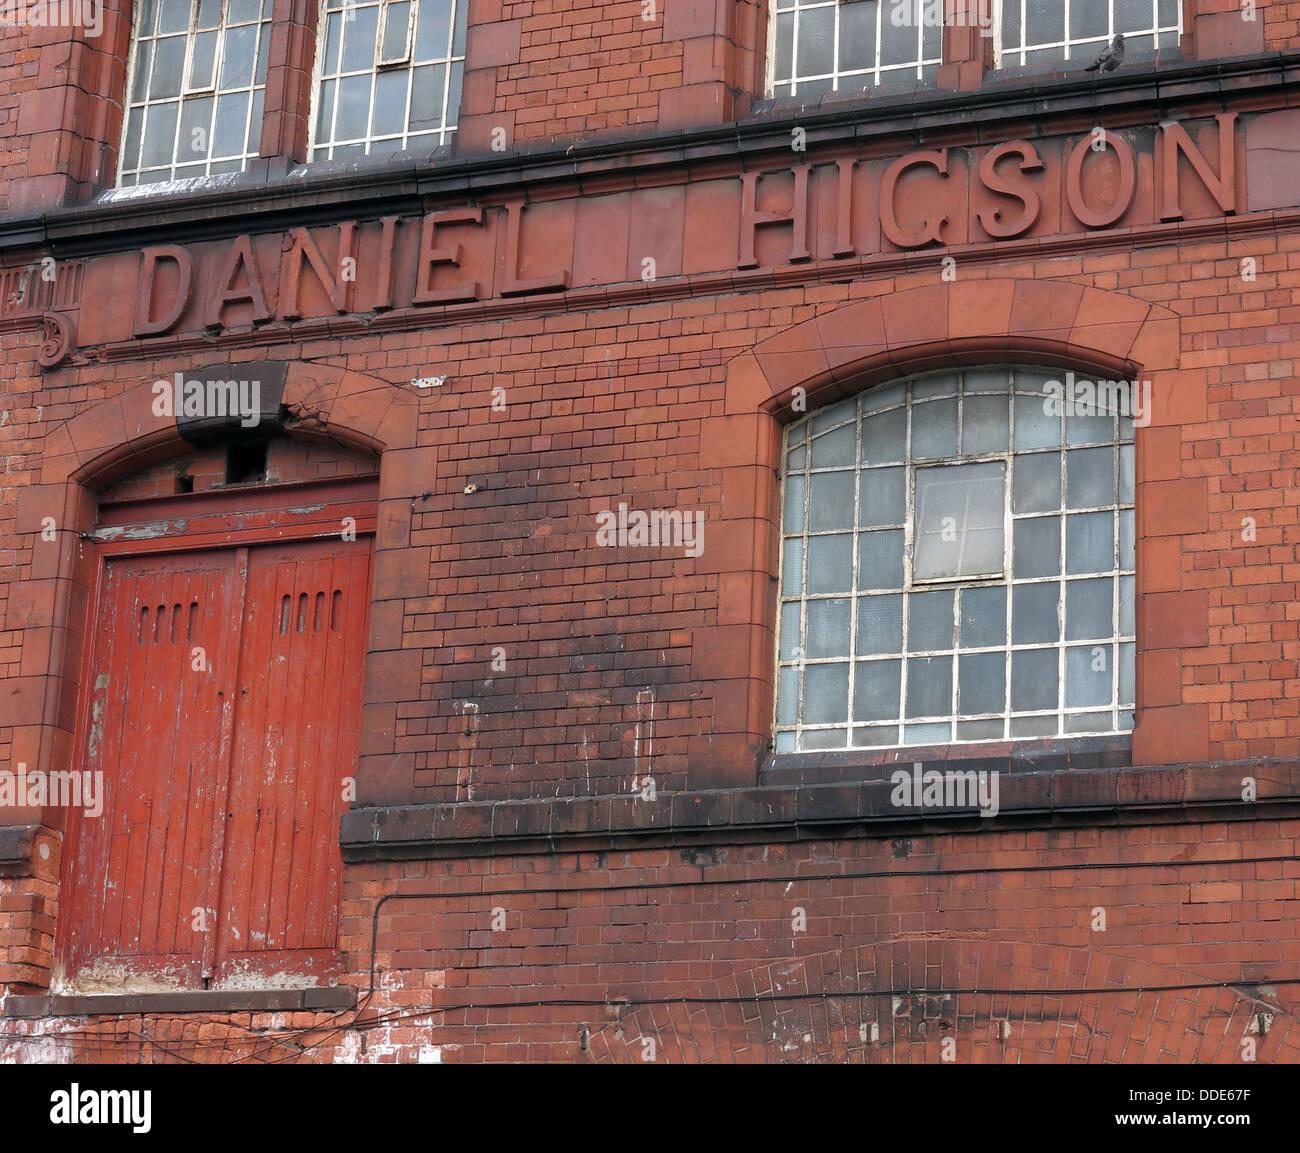 Laden Sie dieses Alamy Stockfoto Die alte Higson Brauerei, Liverpool - DDE67F